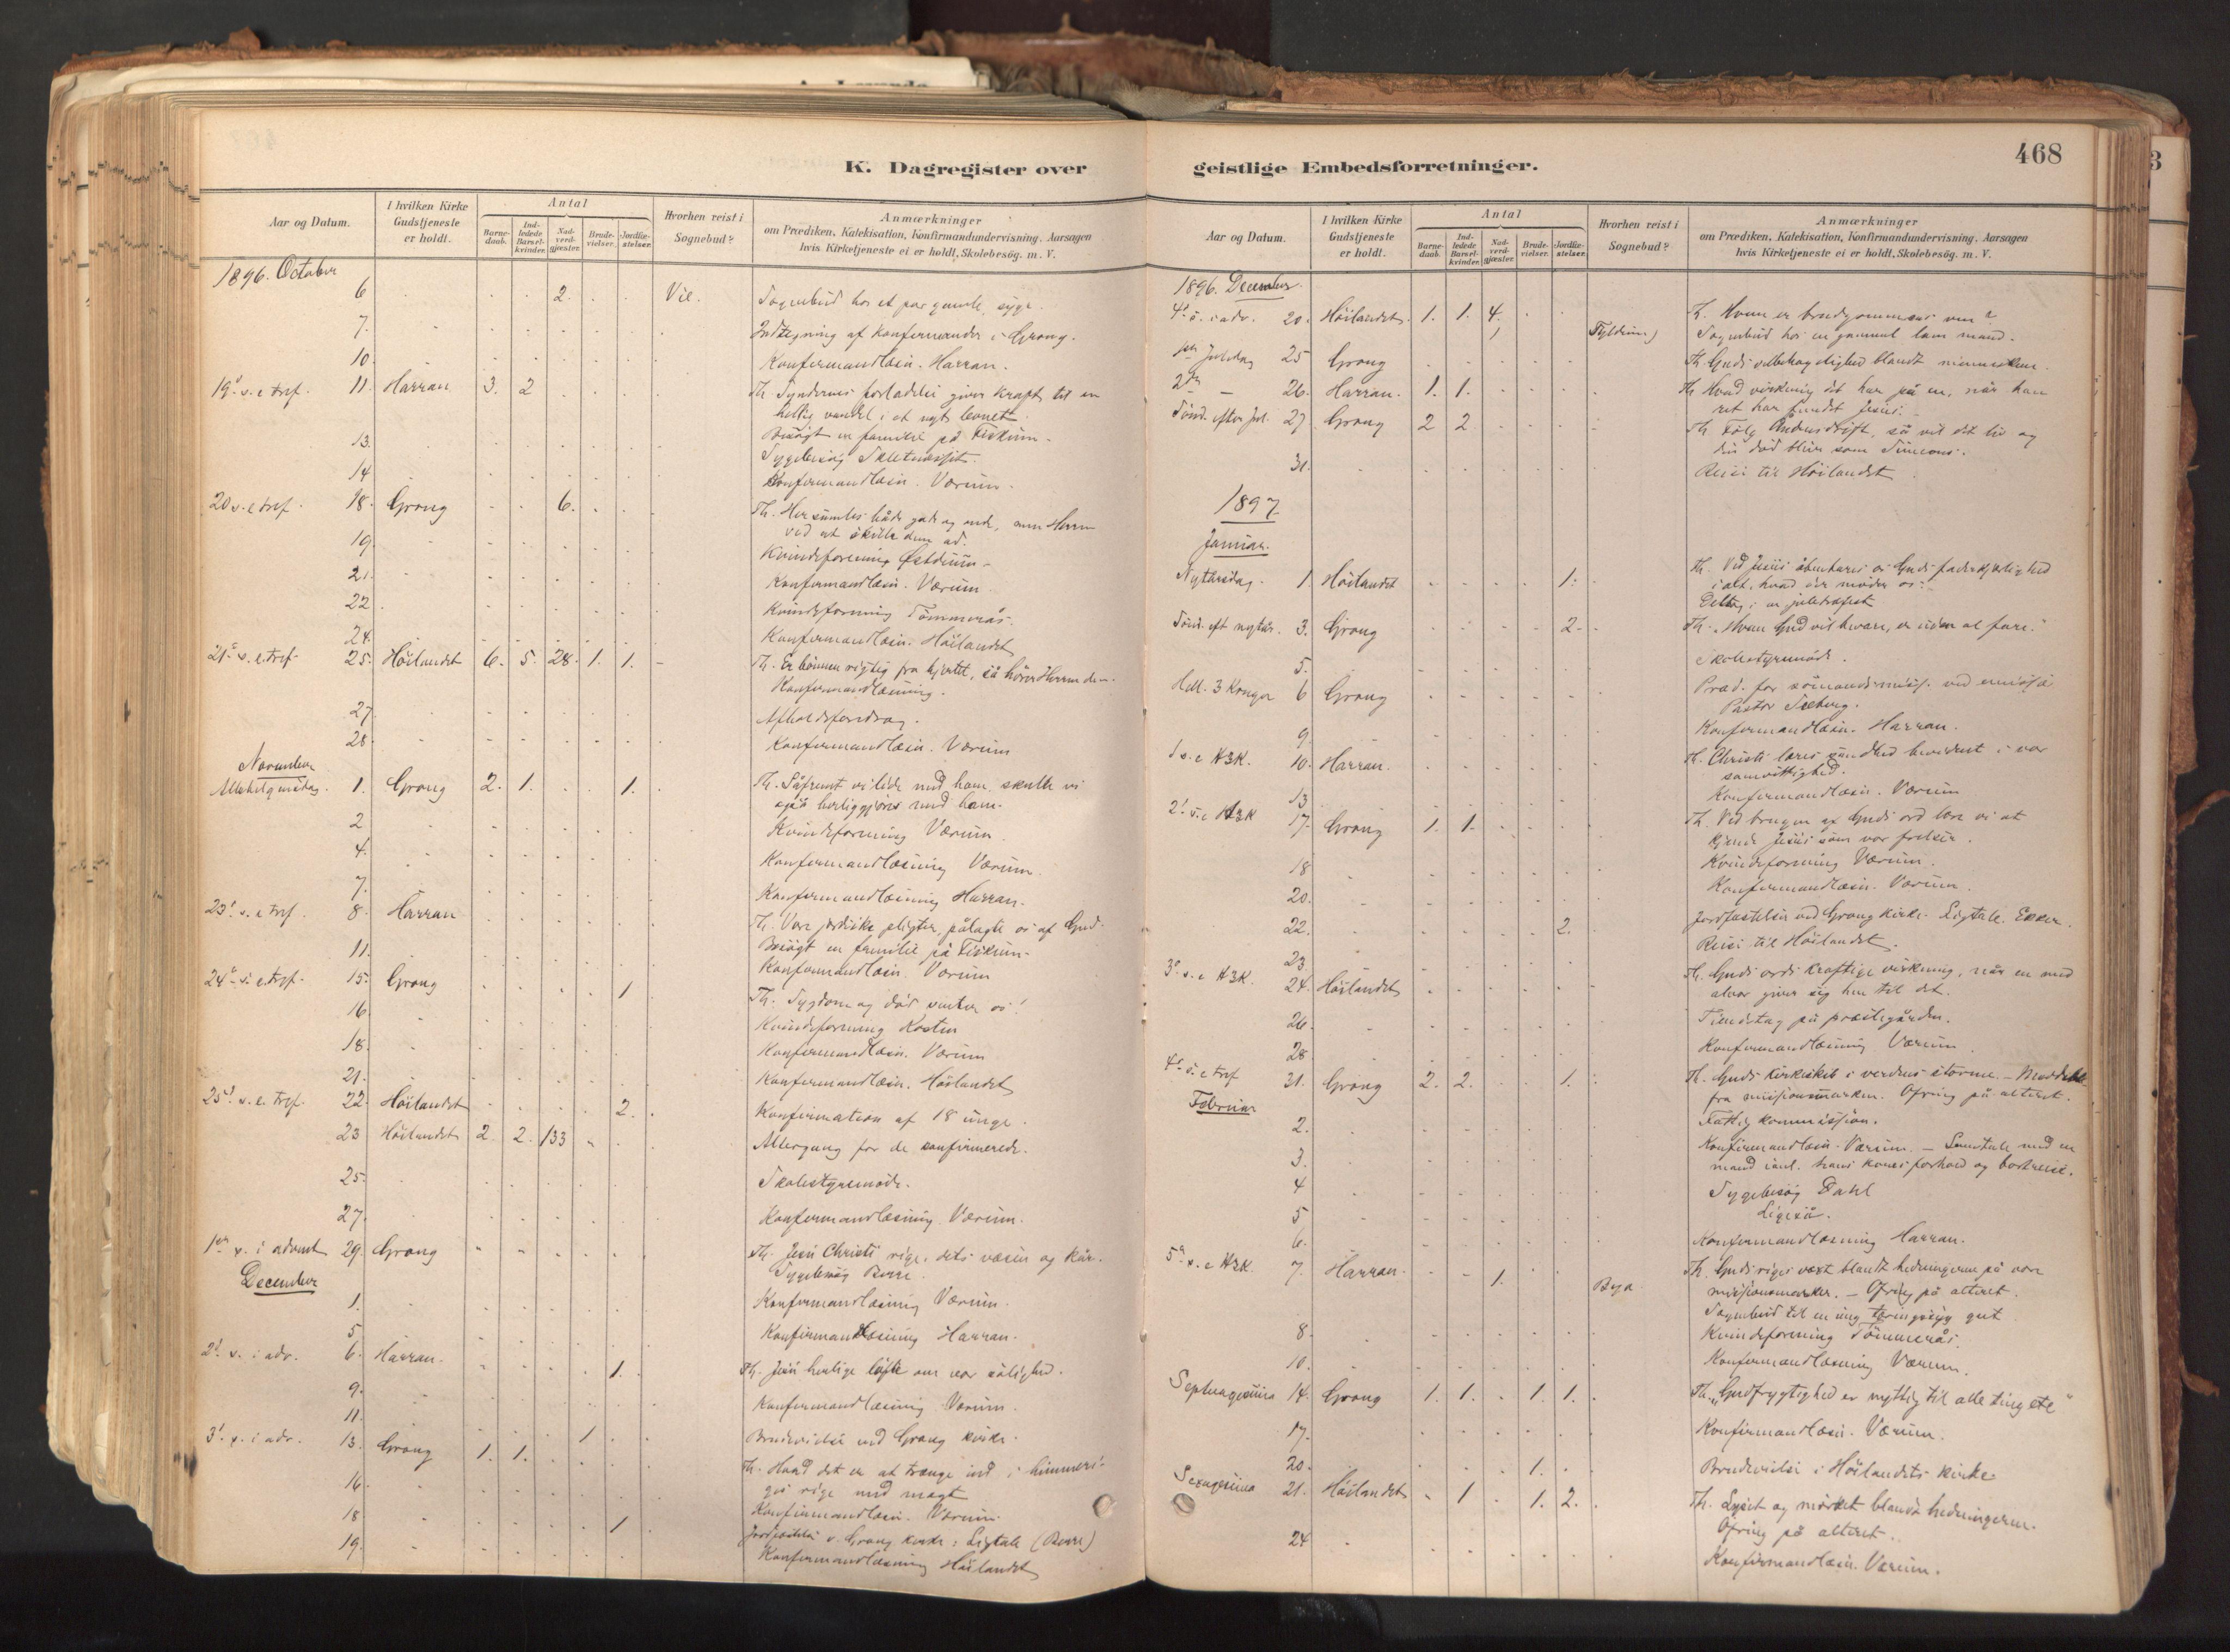 SAT, Ministerialprotokoller, klokkerbøker og fødselsregistre - Nord-Trøndelag, 758/L0519: Ministerialbok nr. 758A04, 1880-1926, s. 468